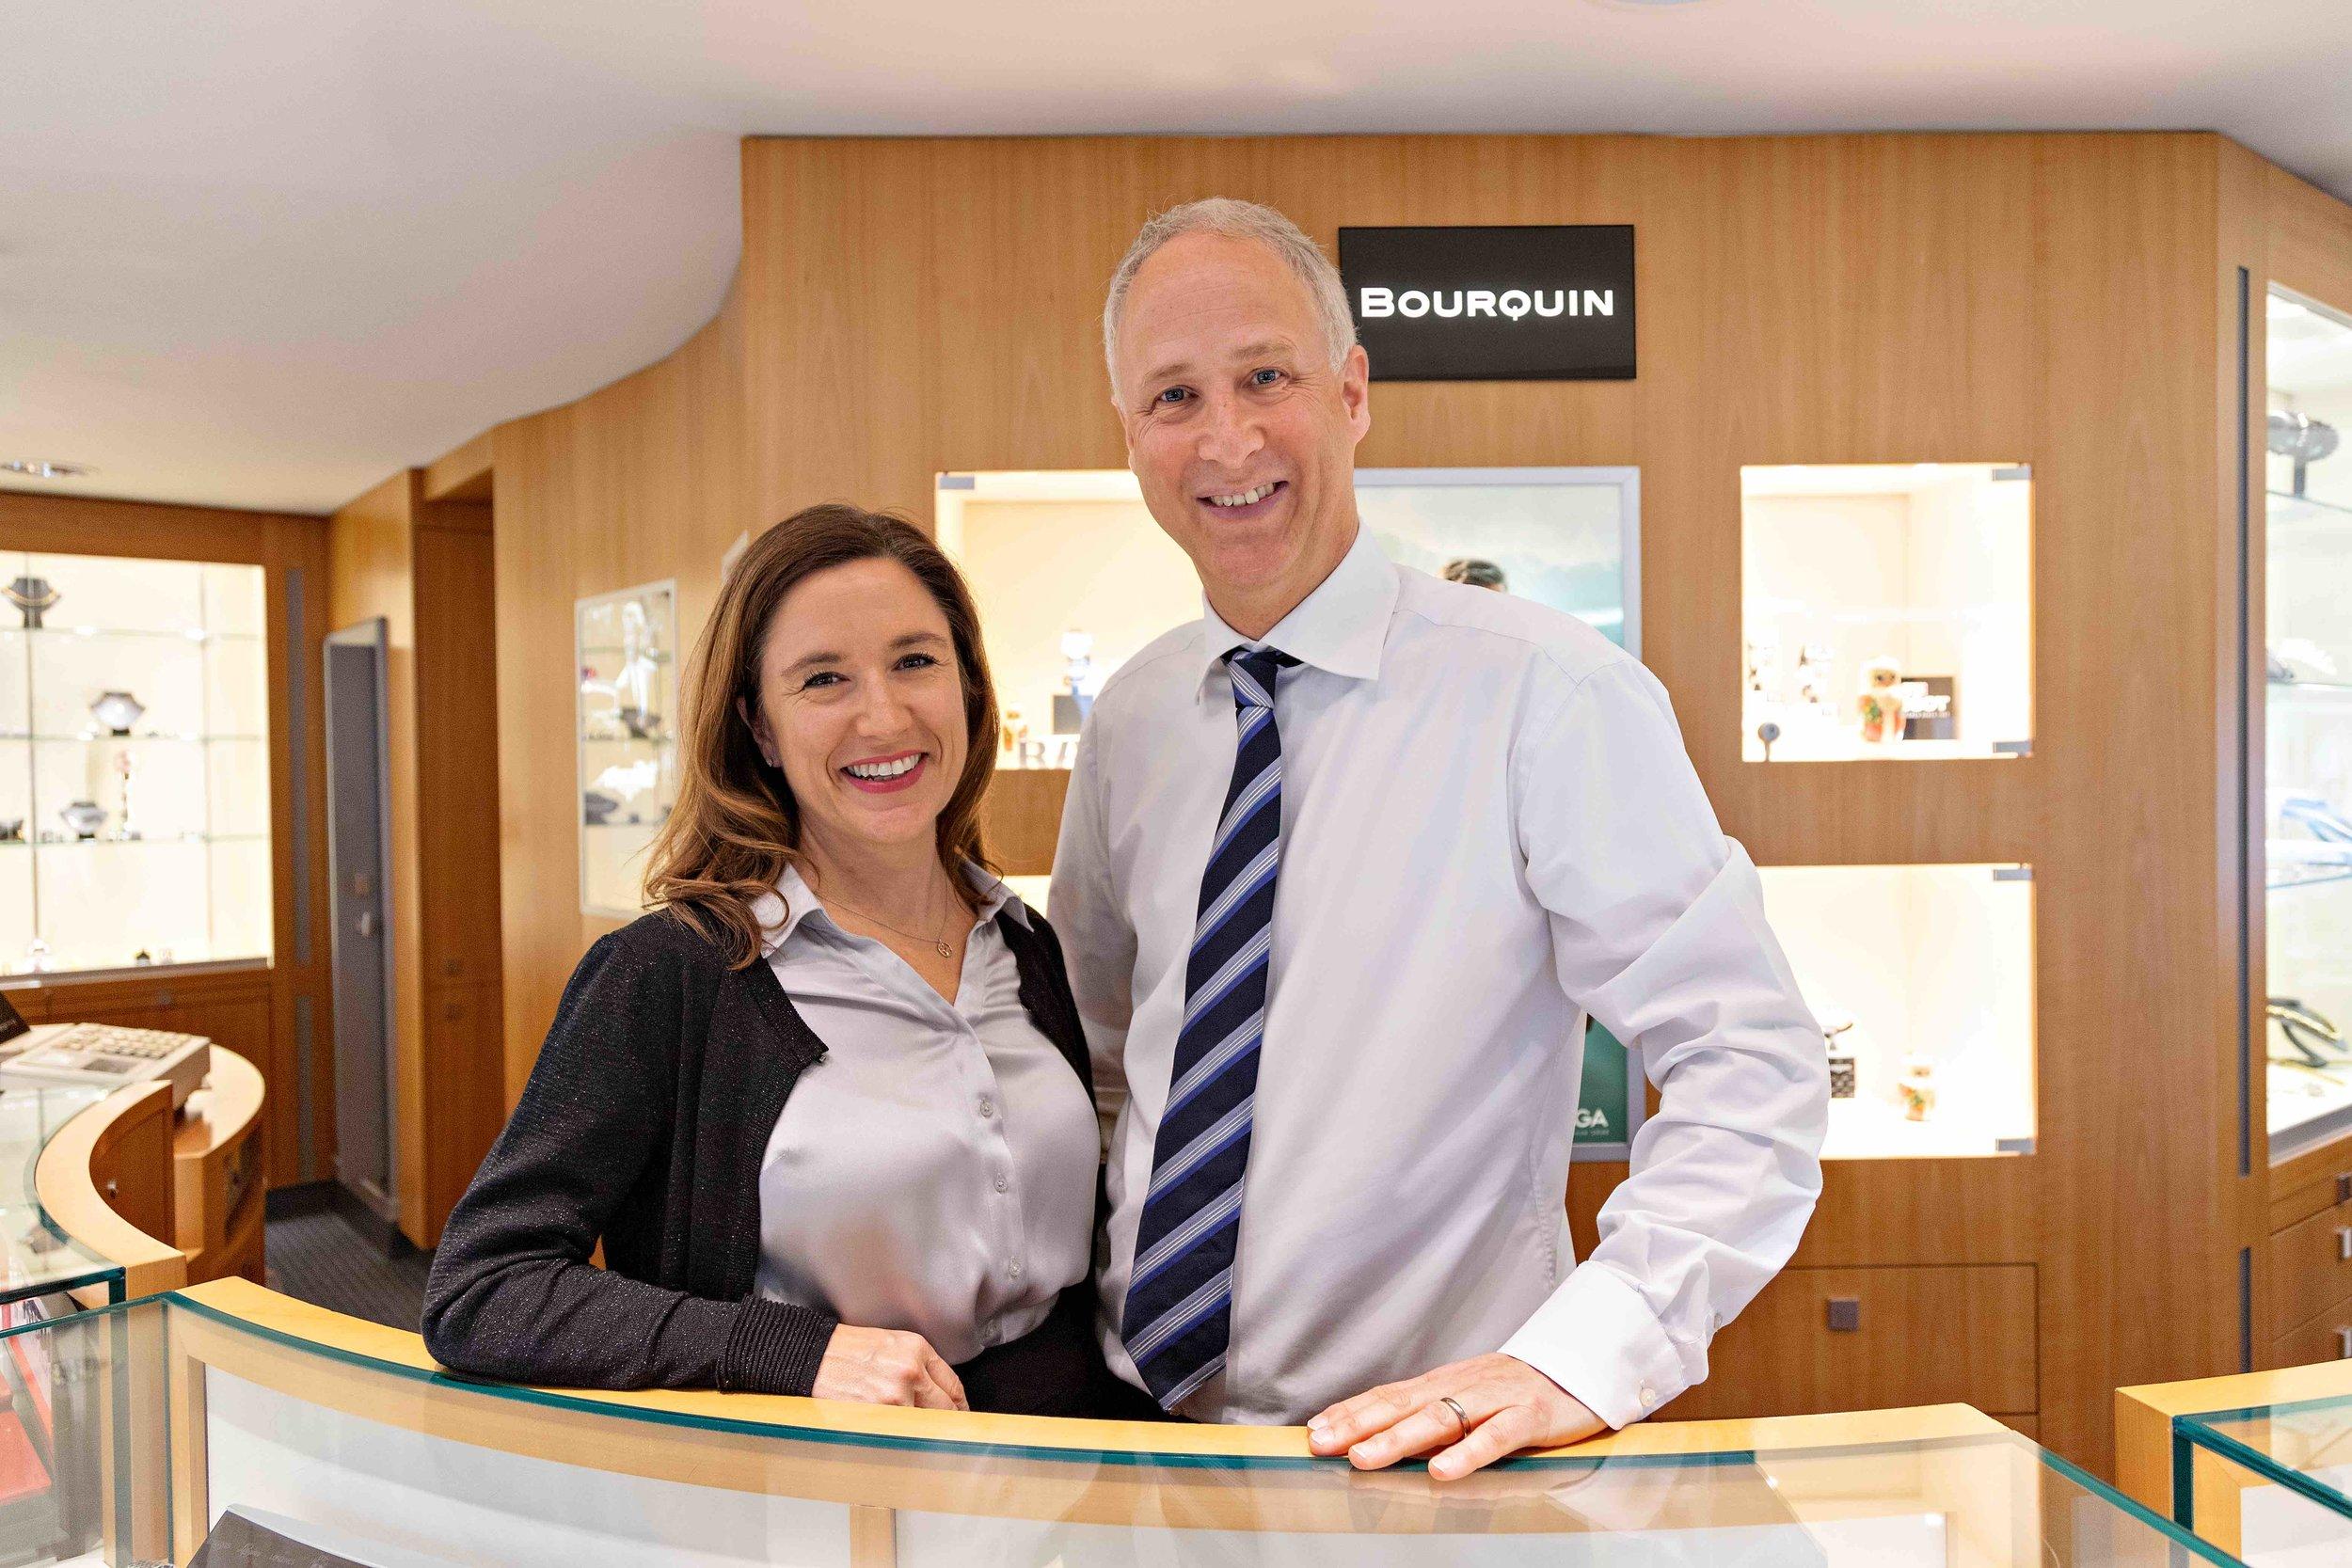 2016 - Geschäftseintritt von Antoinette Lis Bourquin, welche gemeinsam mit Erika, Raymond und Michel Bourquin die Tradition unseres Familienbetriebs vorführt – immer am Puls der Zeit und nah bei unseren Kunden.